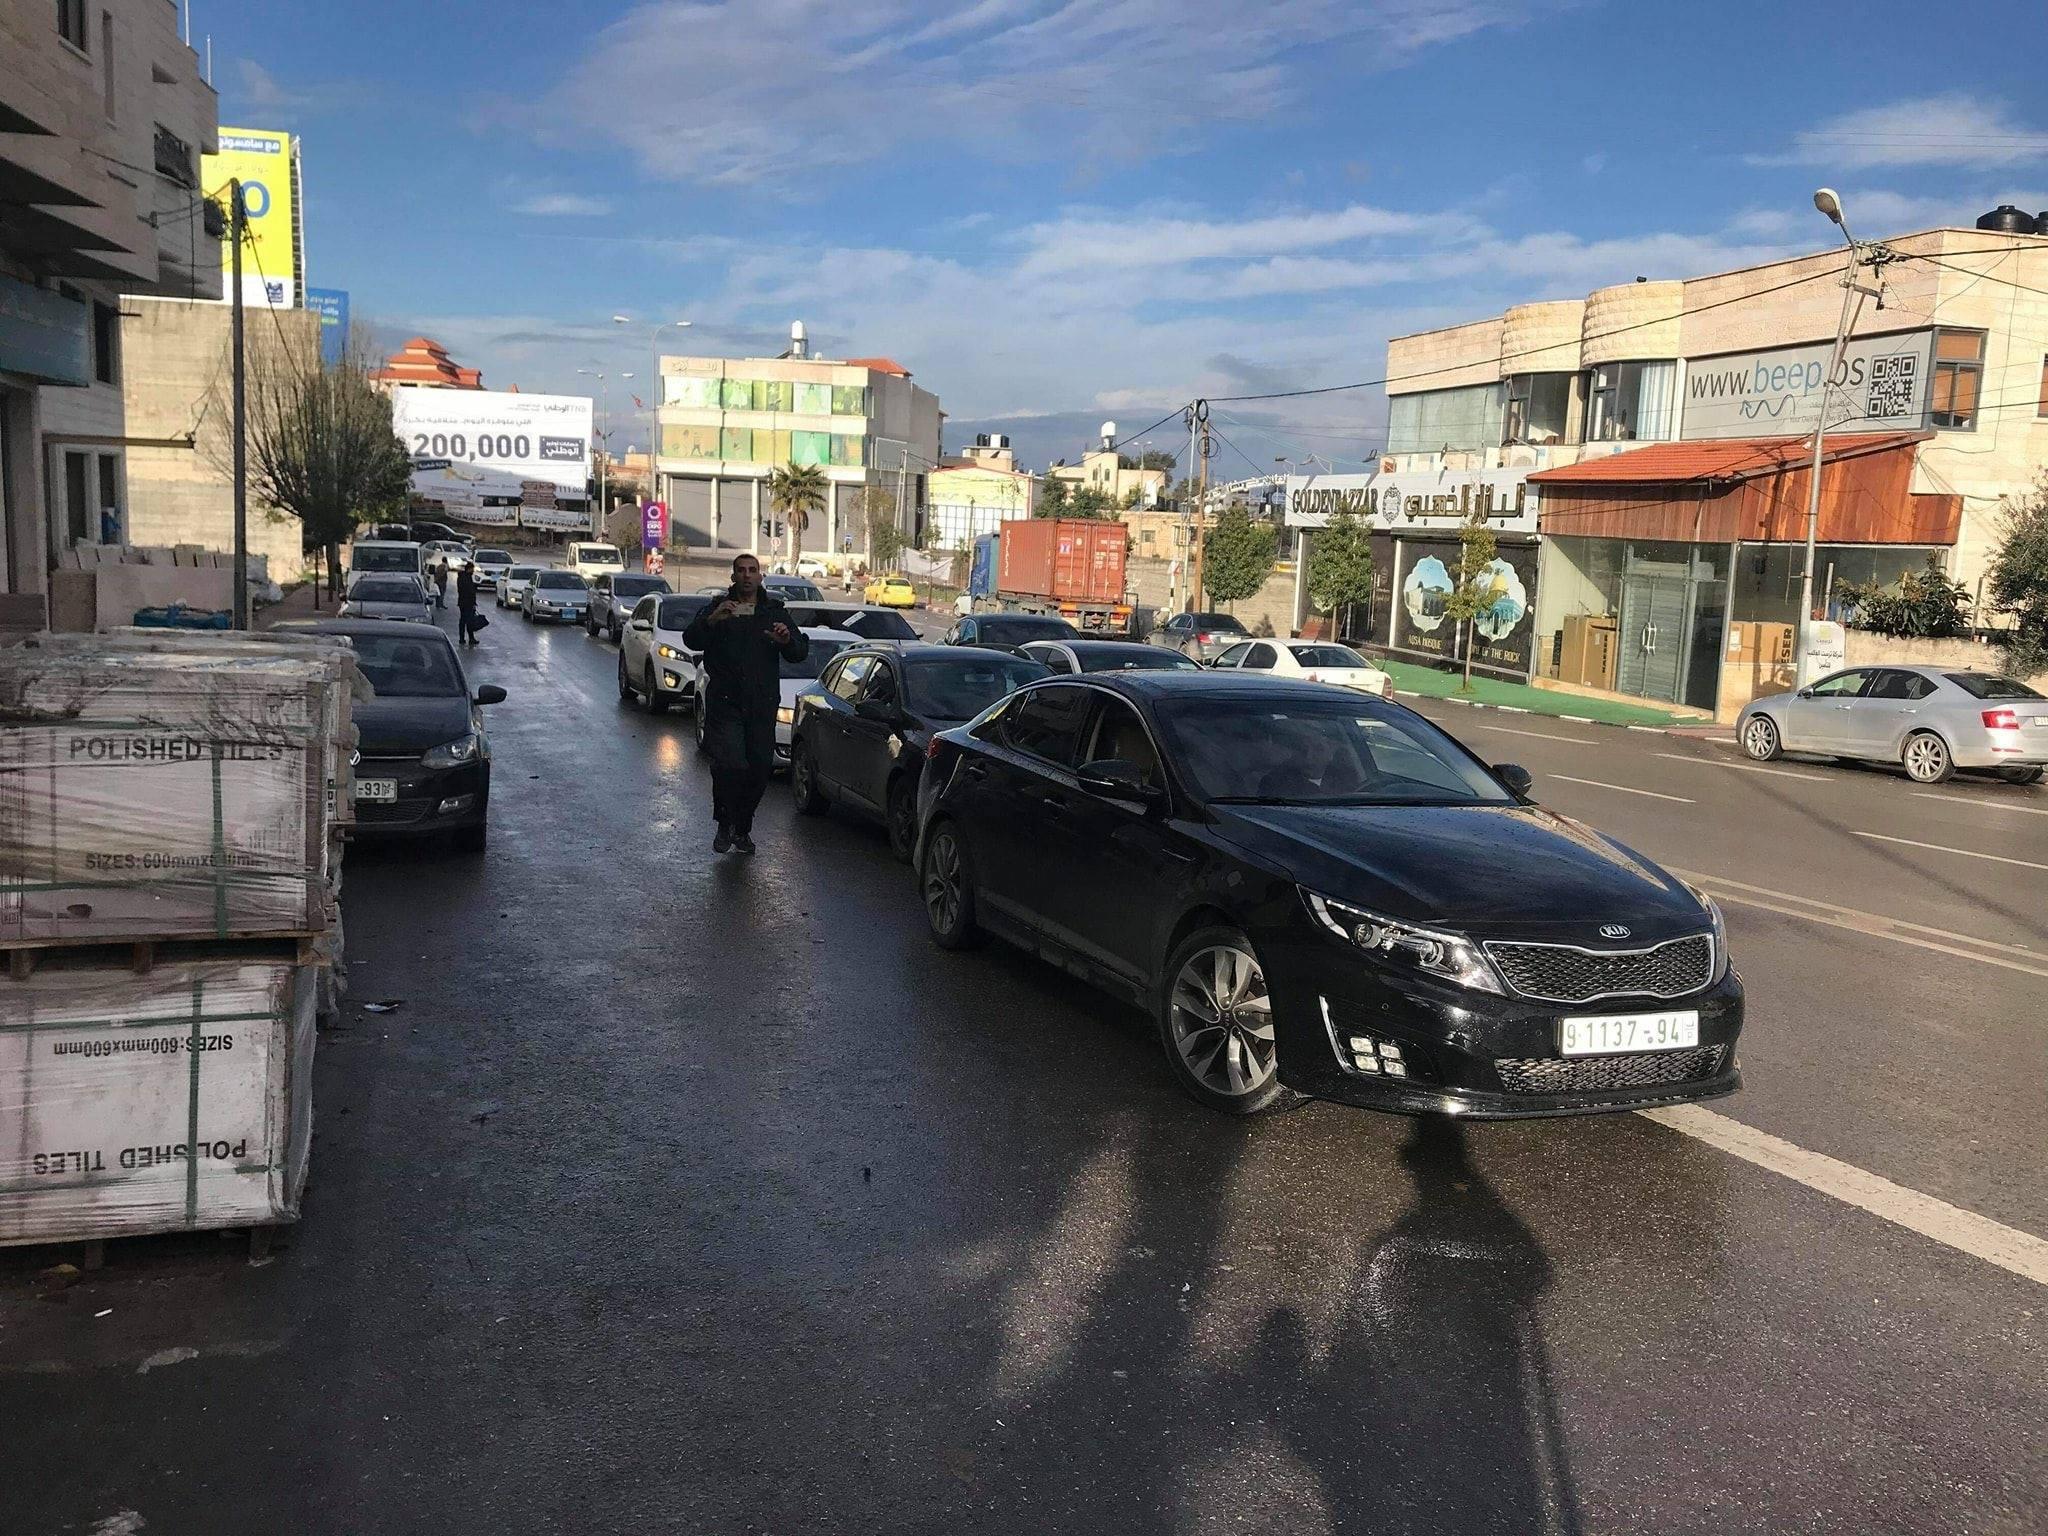 اعتصام لمستوردي المركبات أمام مقر وزارة المالية برام الله